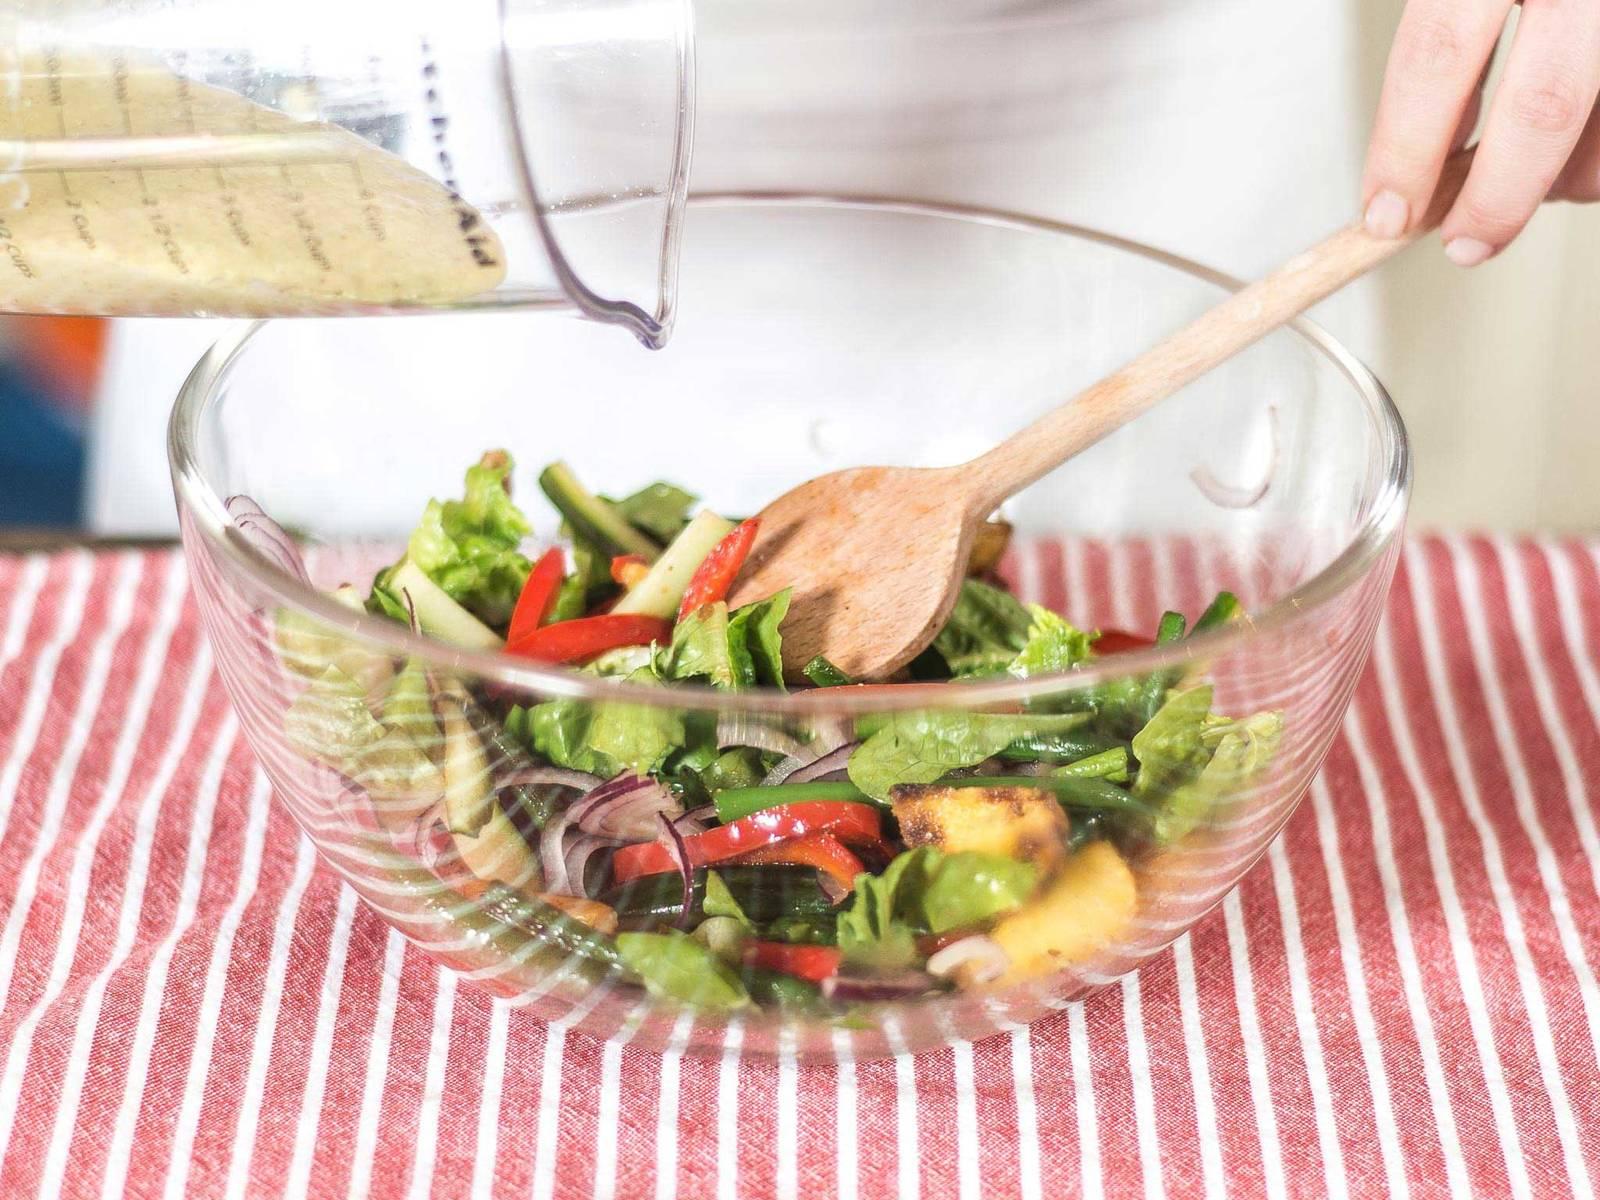 向混合蔬菜中加入沙拉调味汁并拌匀,然后分别盛入两个盘中,各放两片红鲻鱼排,煮鸡蛋去皮后切半,每半配一片鳀鱼排也分别放入盘内。趁热享用。